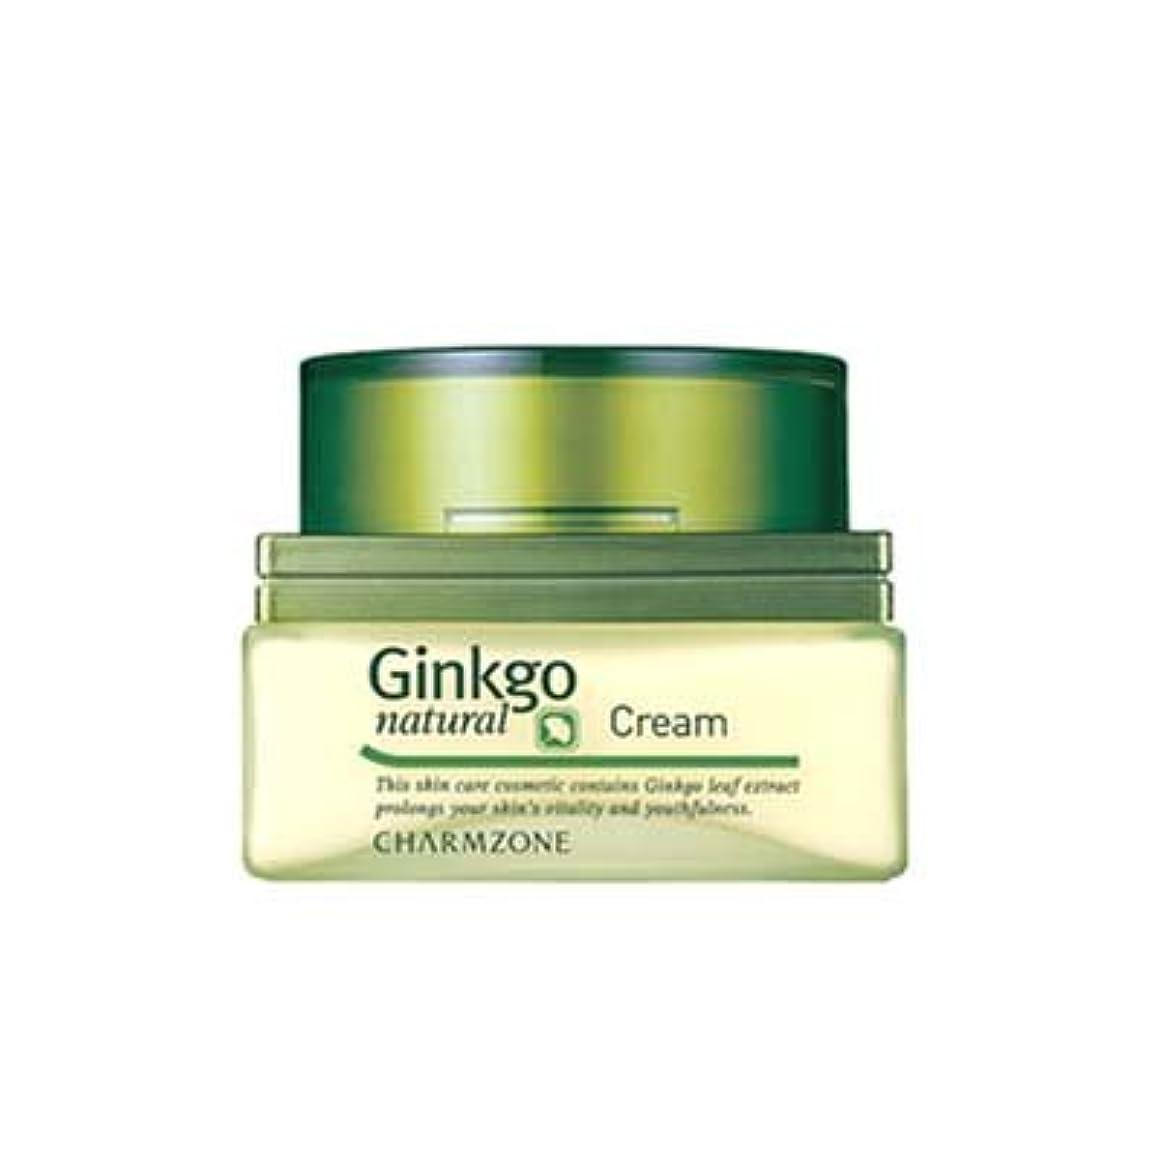 チャームゾーン Ginkgo natural (ジンコナチュラル) クリーム 60ml